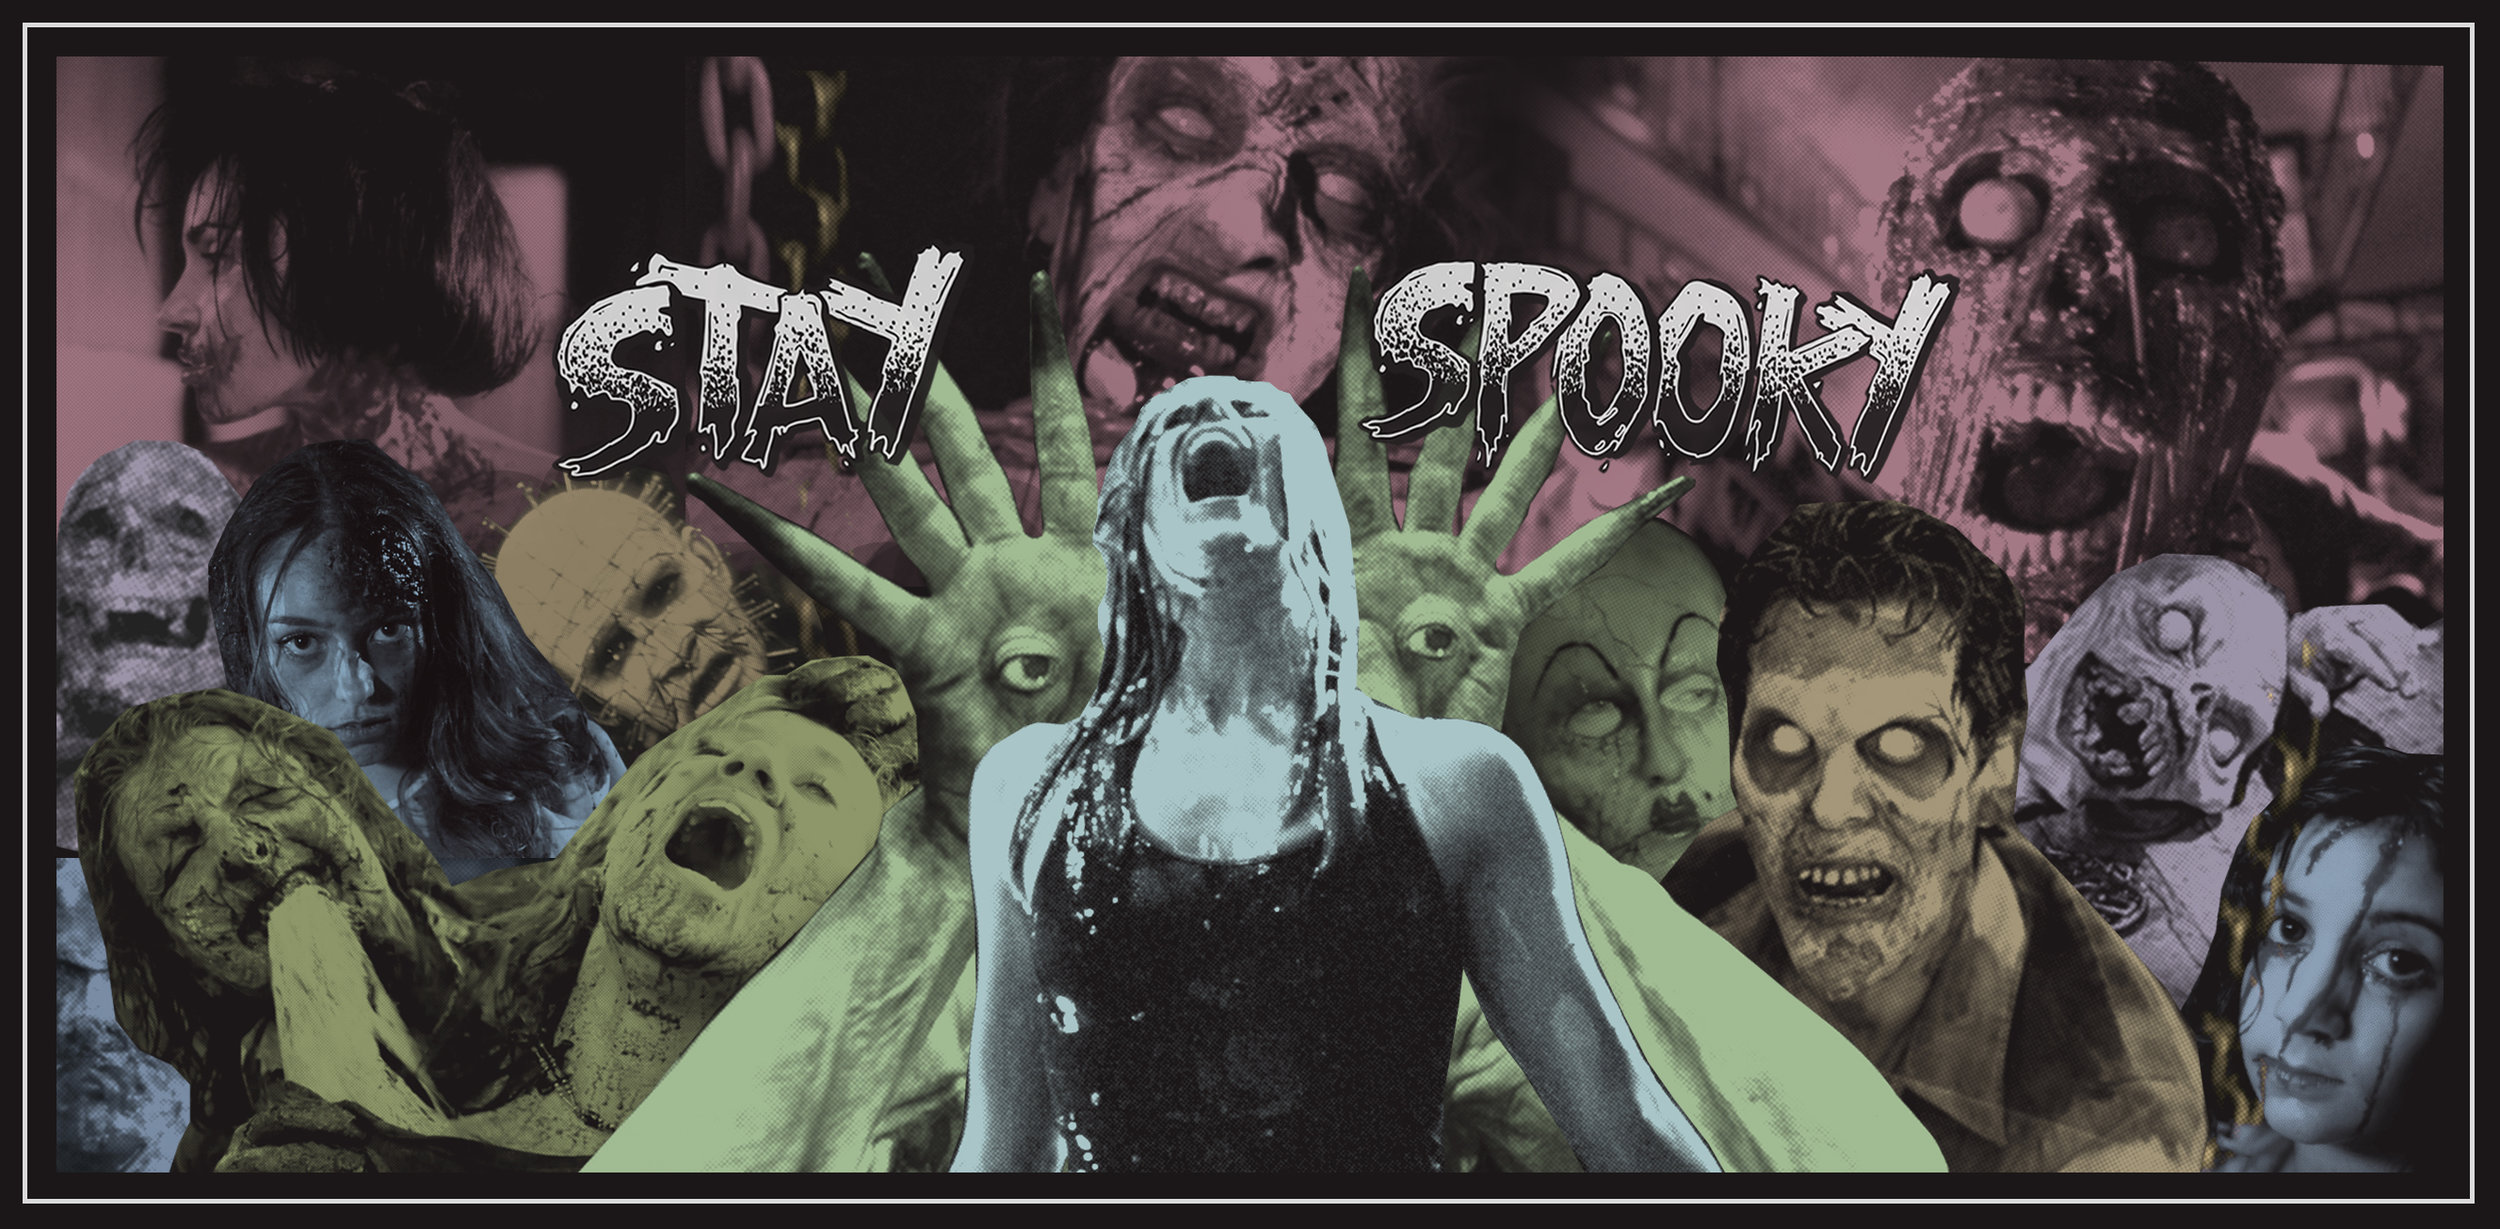 HorrorBound_stayspooky_Fullres2.jpg